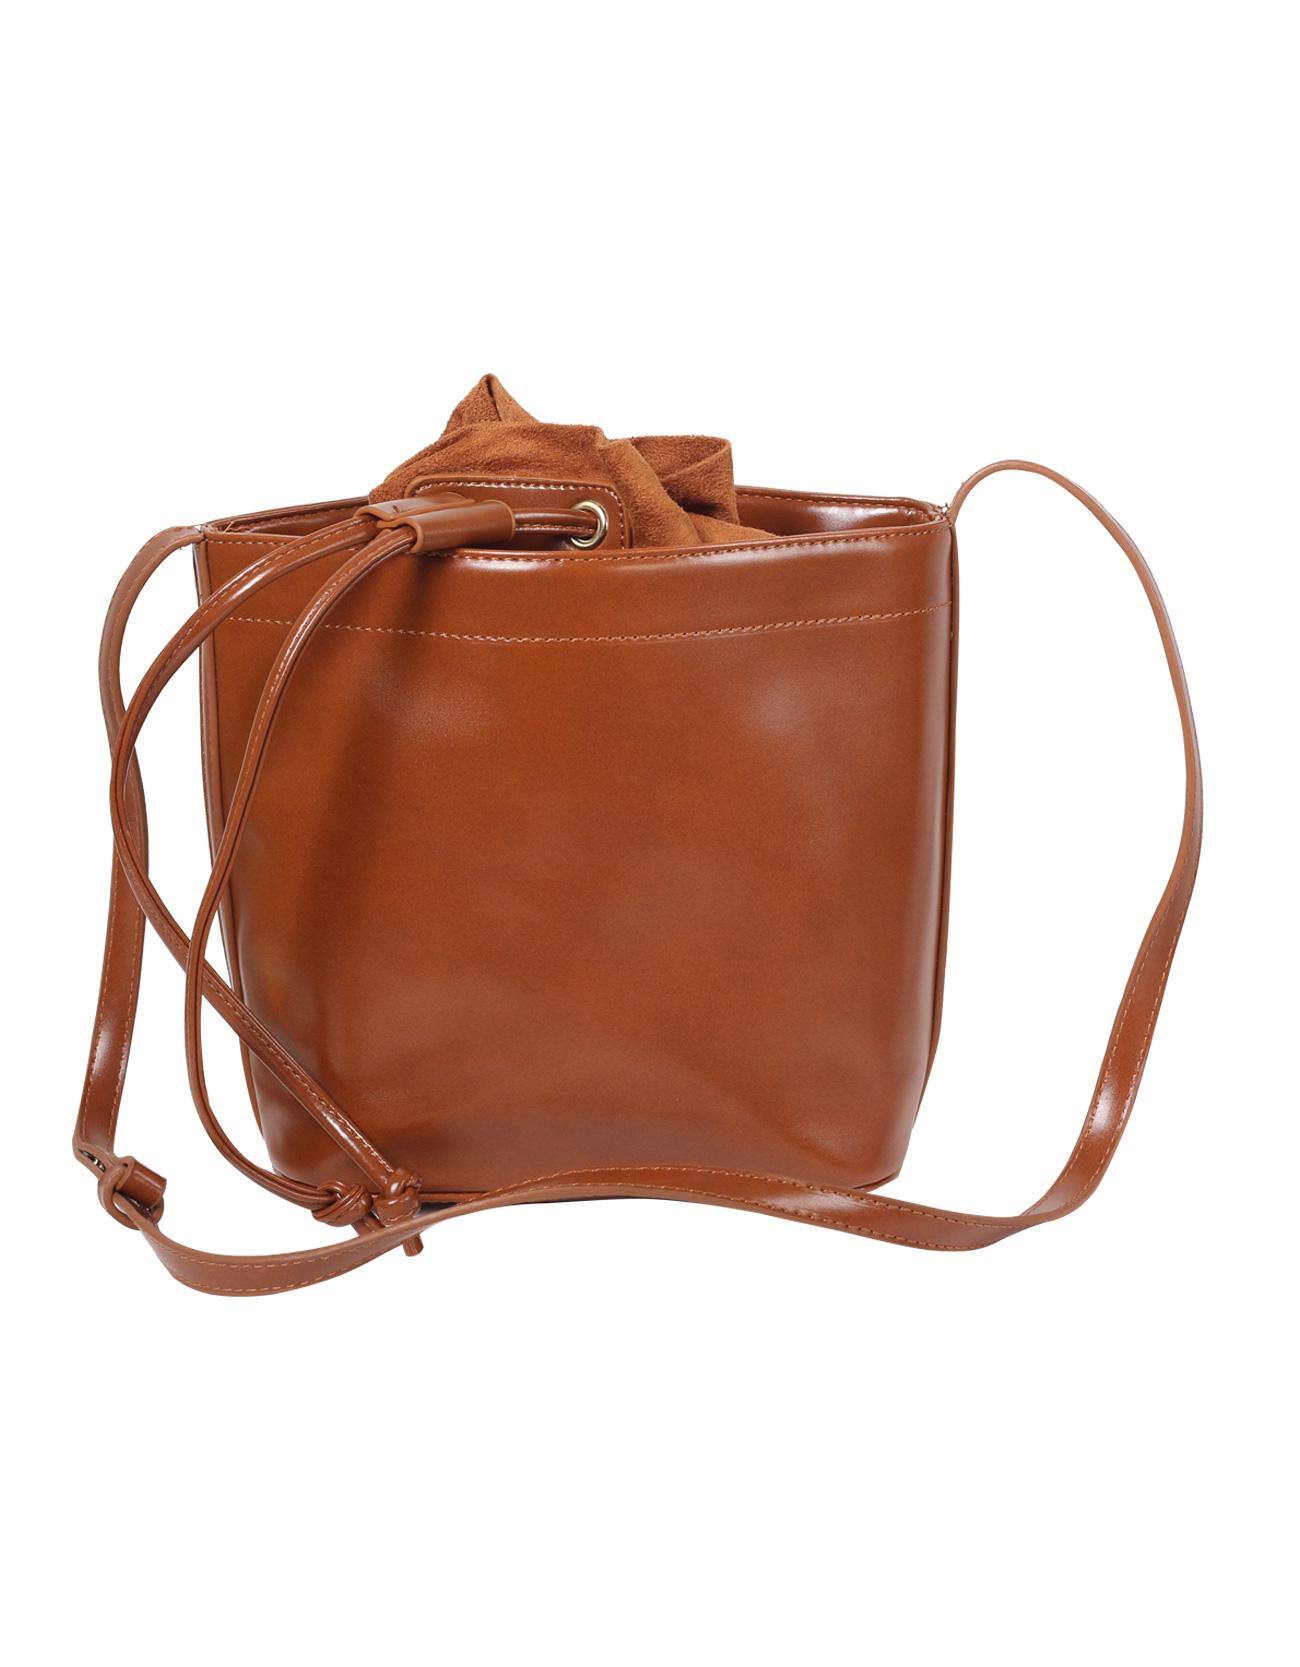 PU Leather Bucket Bag